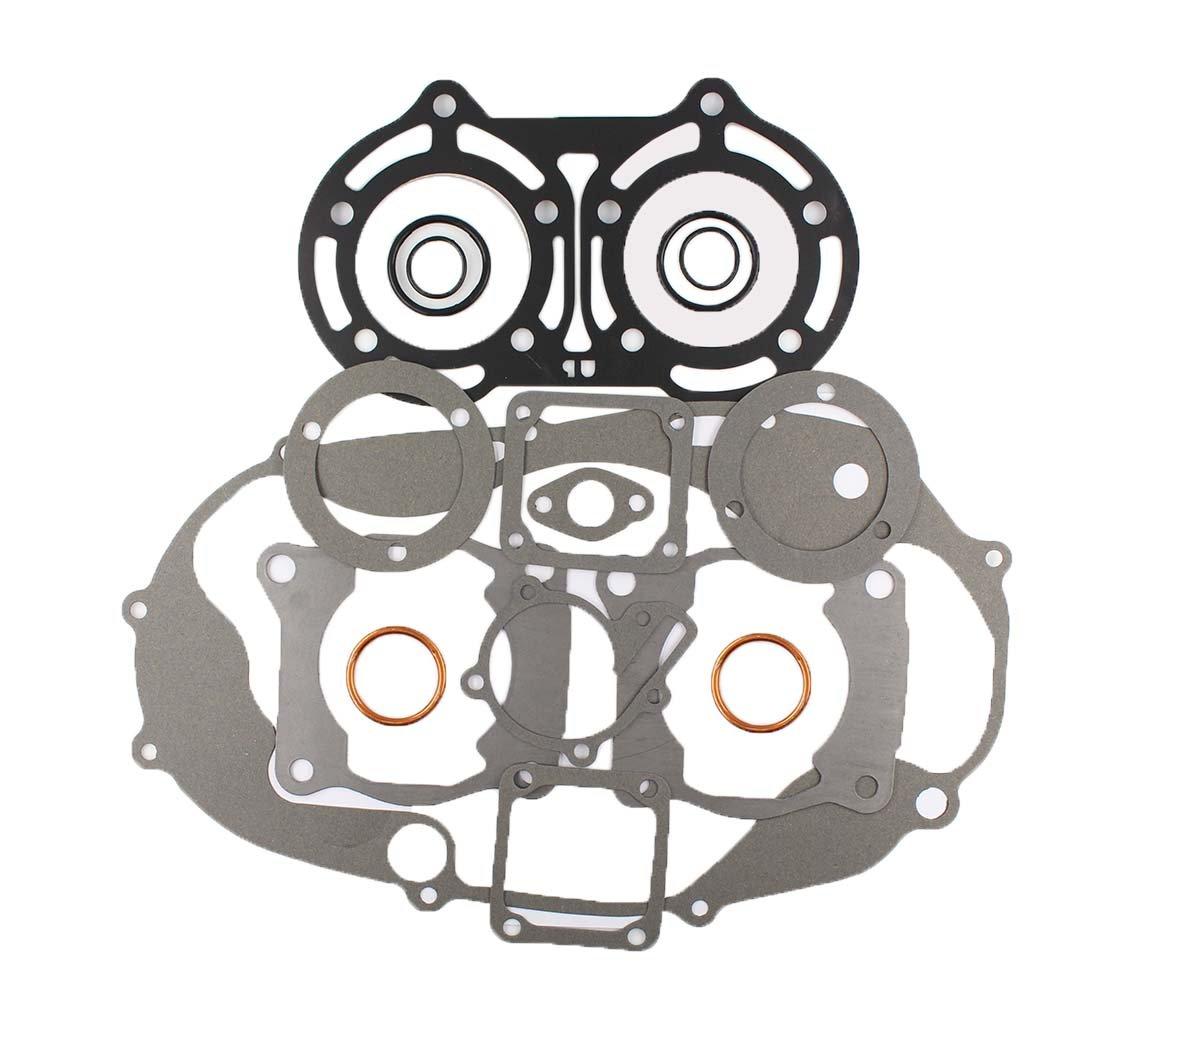 New Complete Gasket Rebuild Kit Set For Yamaha Banshee YFZ 350 1987-2006